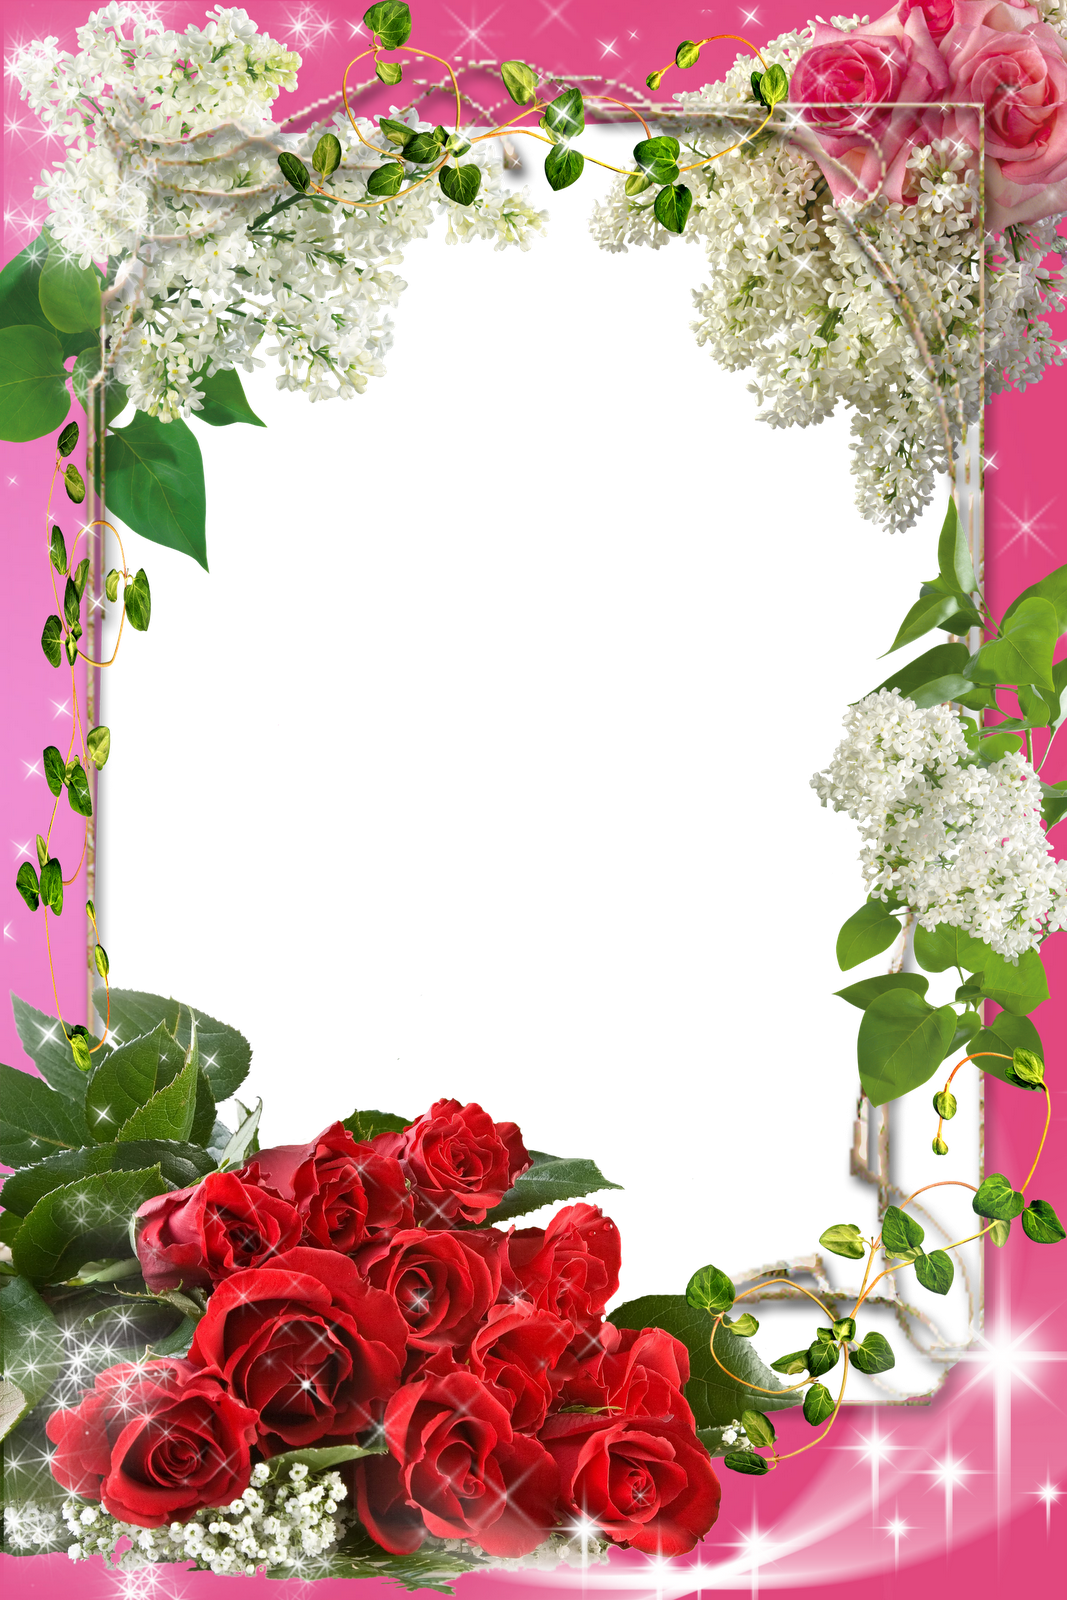 Смешные картинки, фотошоп открытки с розами